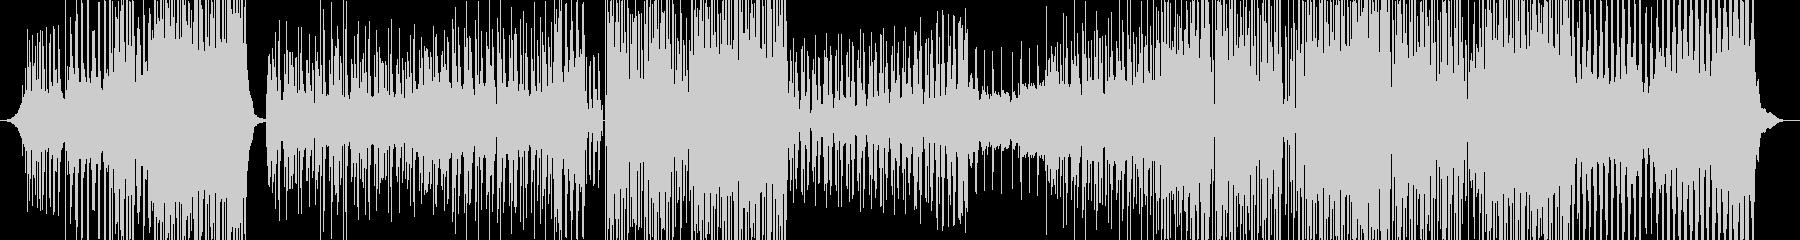 軽快で優しいバウンスミュージック EDMの未再生の波形